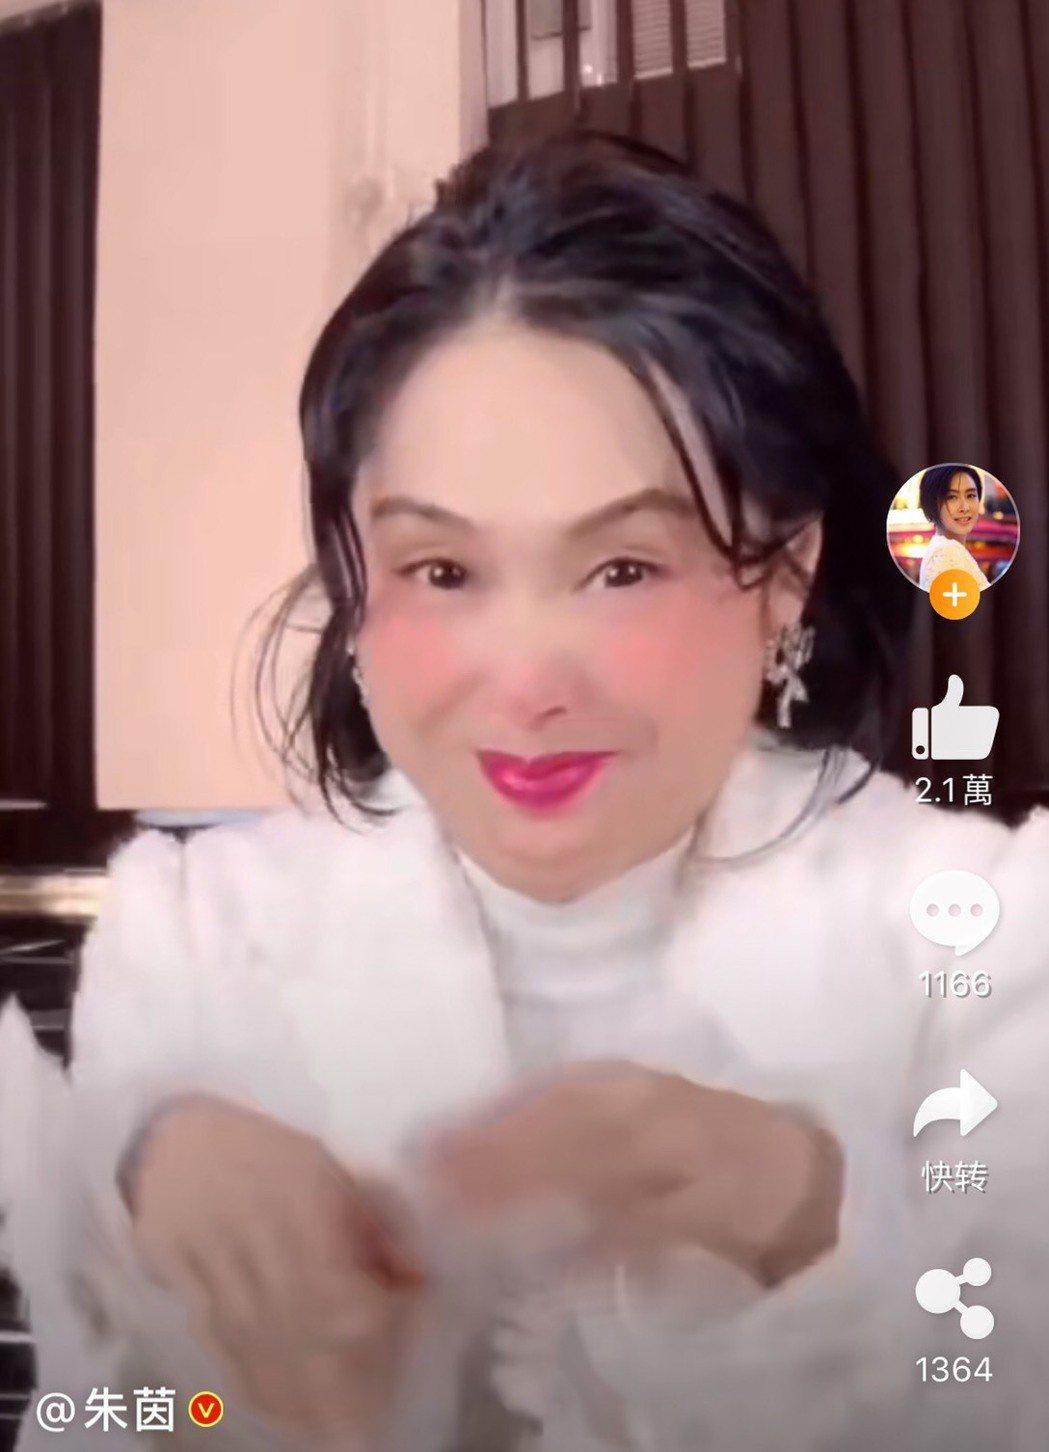 港星朱茵在微博自曝胖了200斤。圖/摘自微博